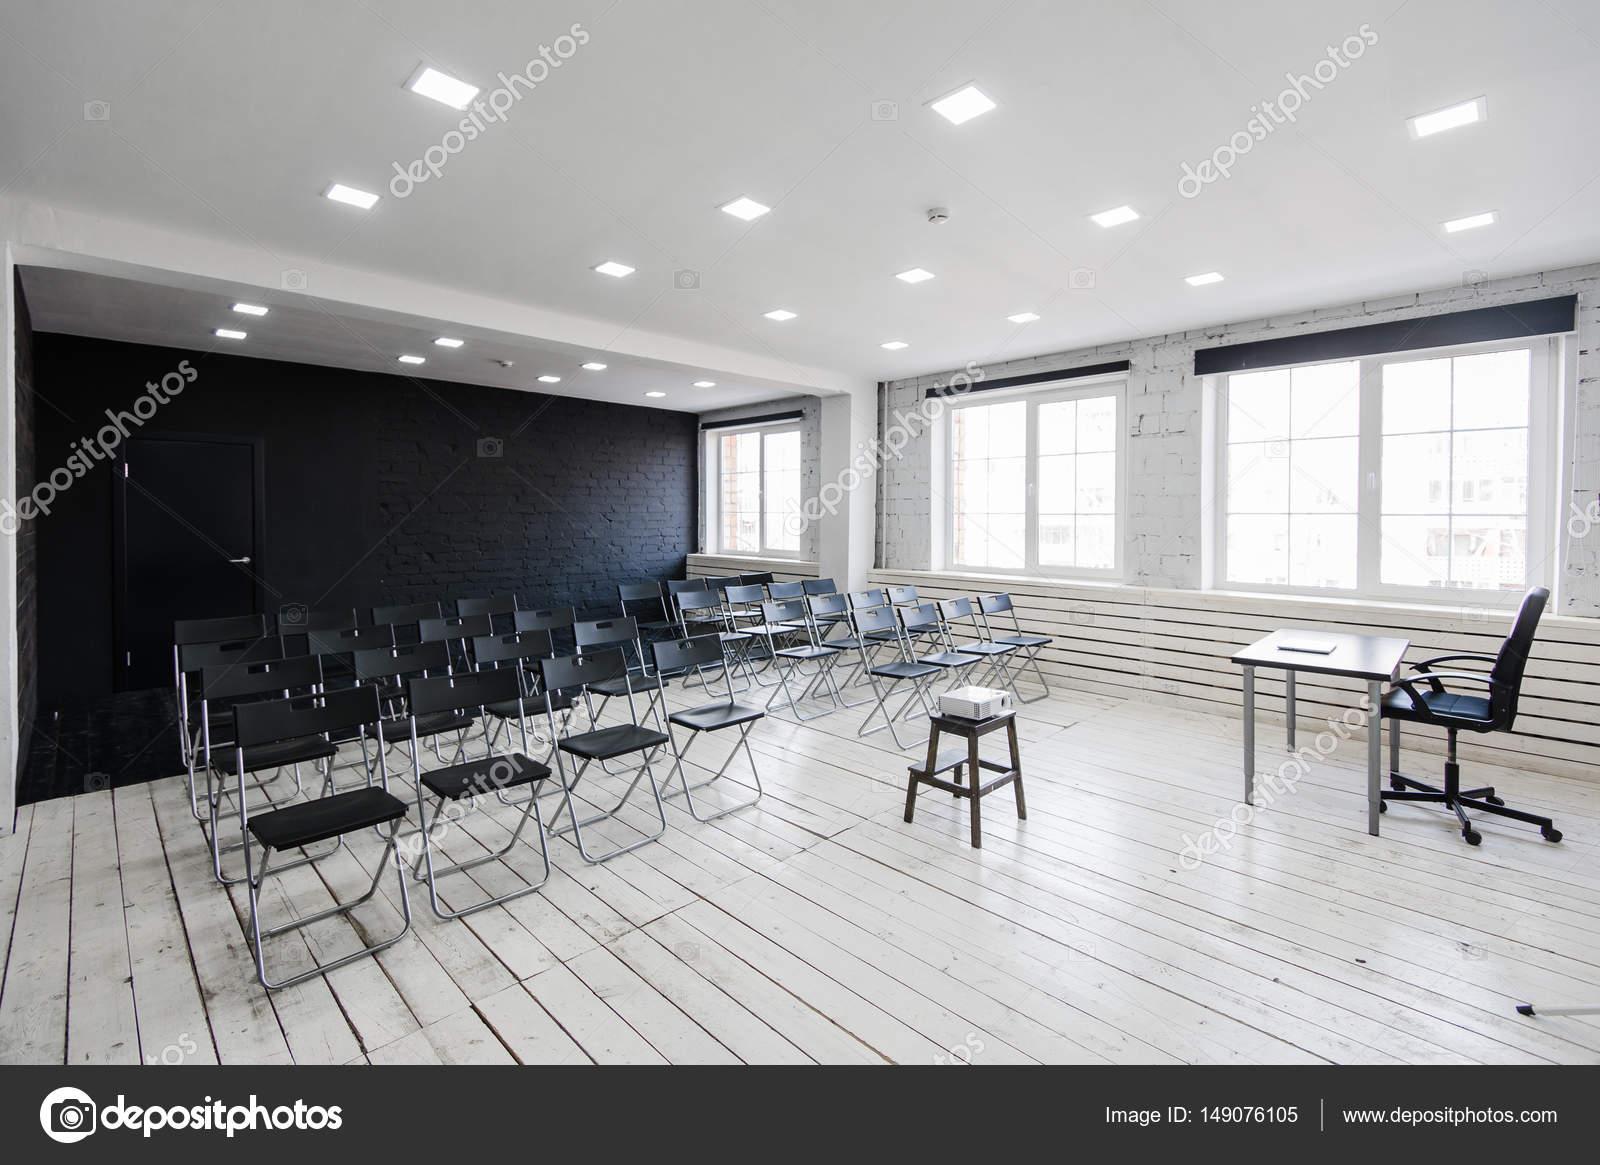 Ruimte voor lezing met een heleboel donkere stoelen. muren zijn wit